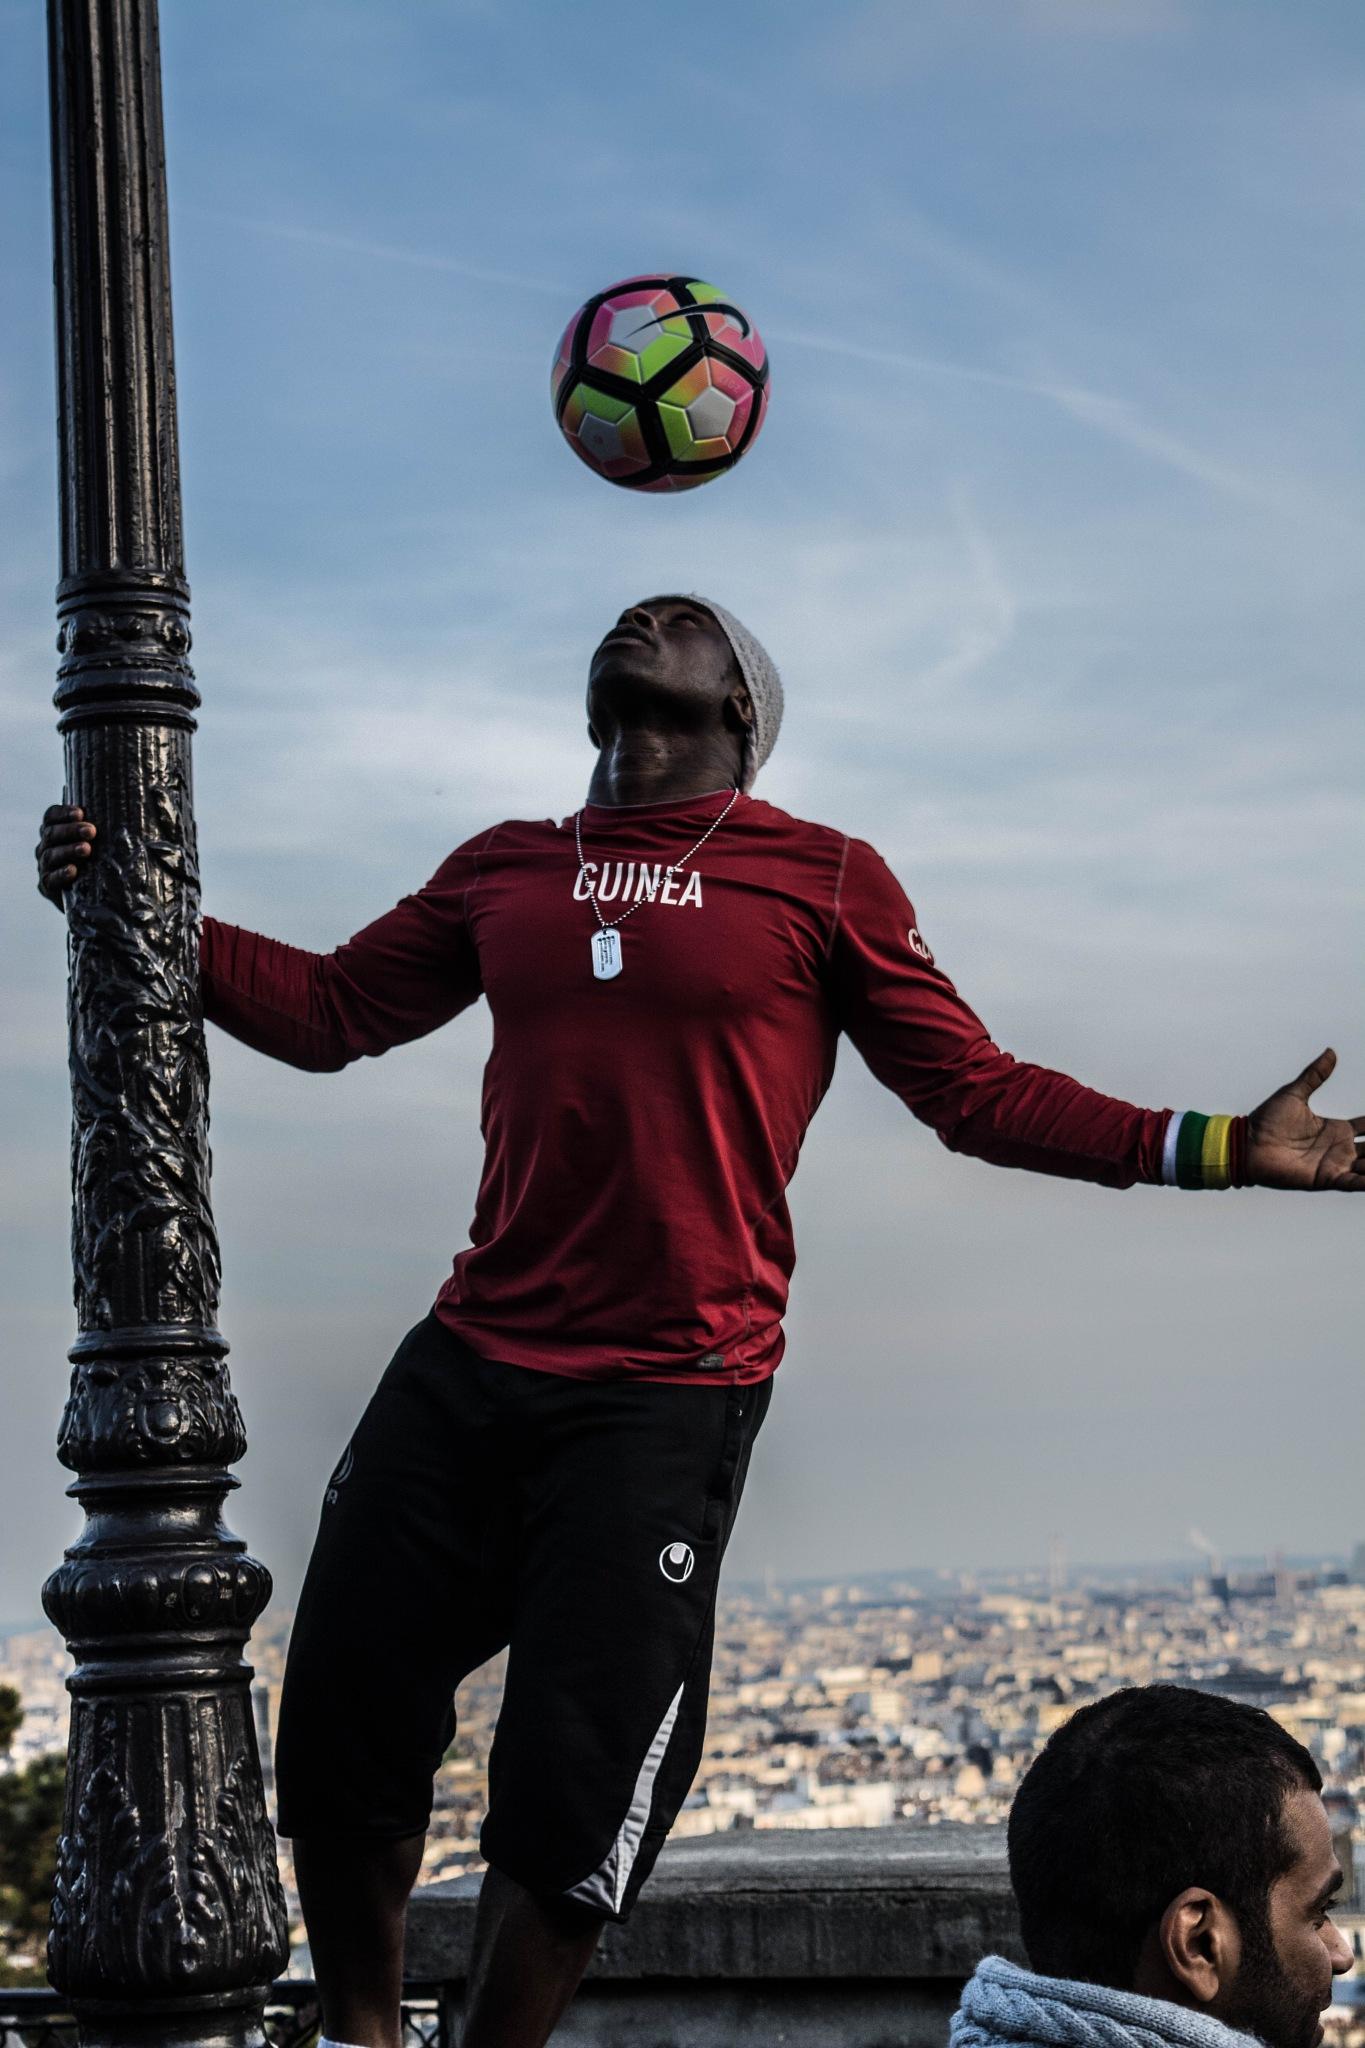 fotball skills by EdwardAnthony